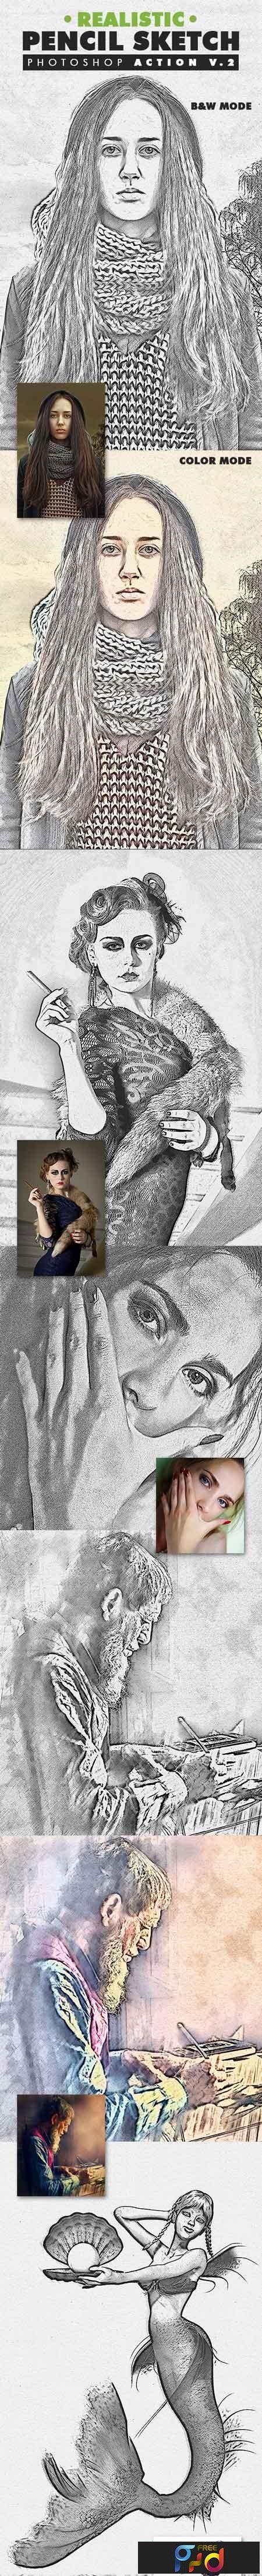 Realistic pencil sketch photoshop action vol 2 19553148 • freepsdvn